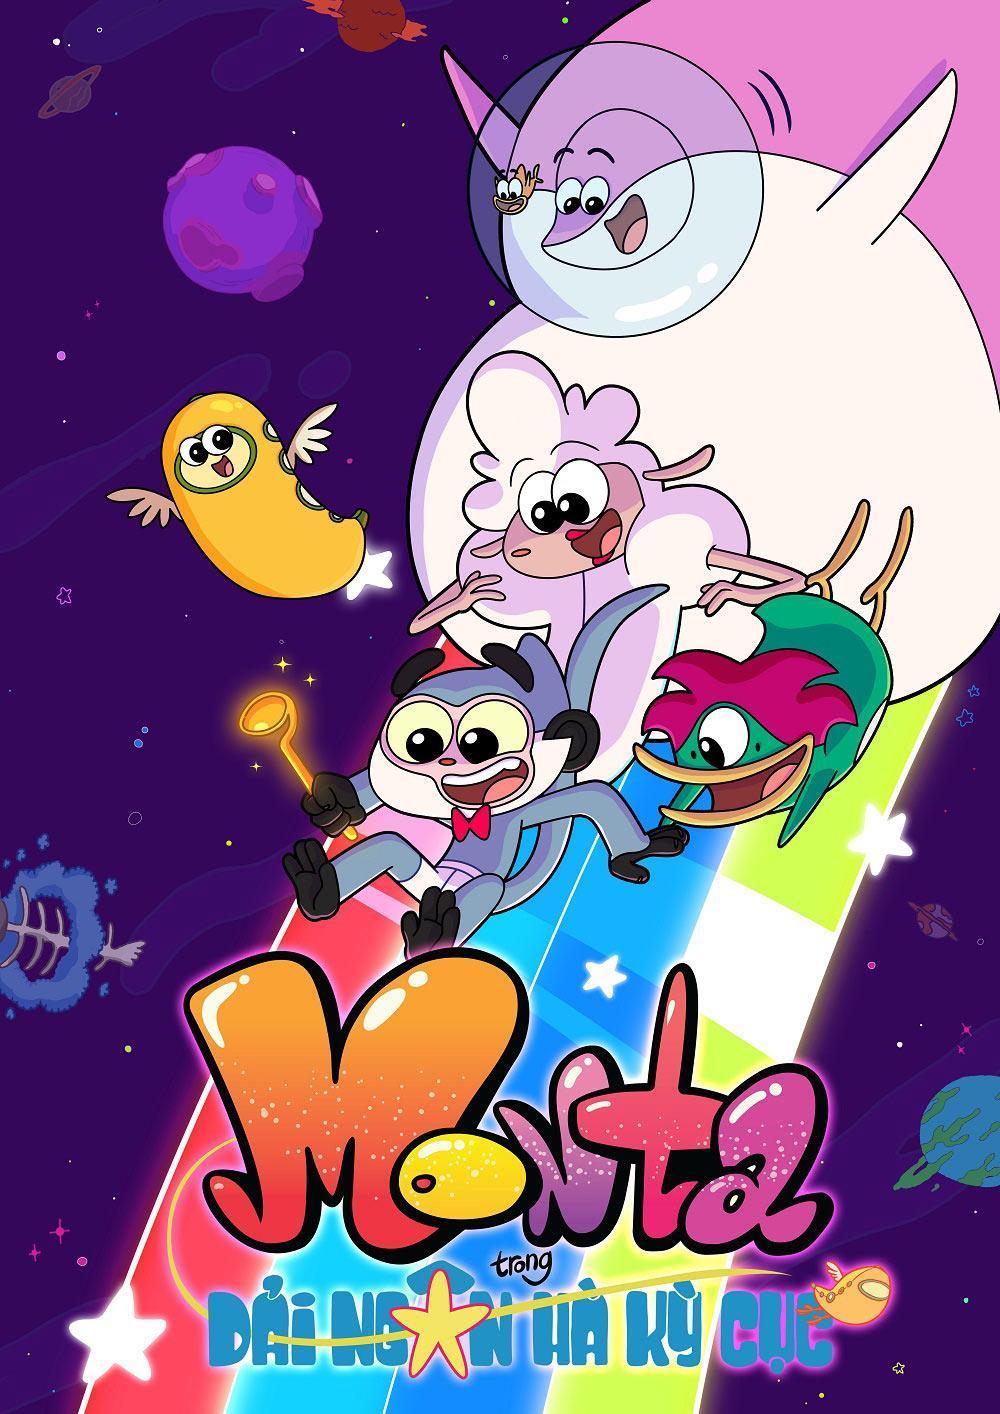 """Vintata công chiếu series hoạt hình """" Monta trong giải ngân hà kỳ cục''"""